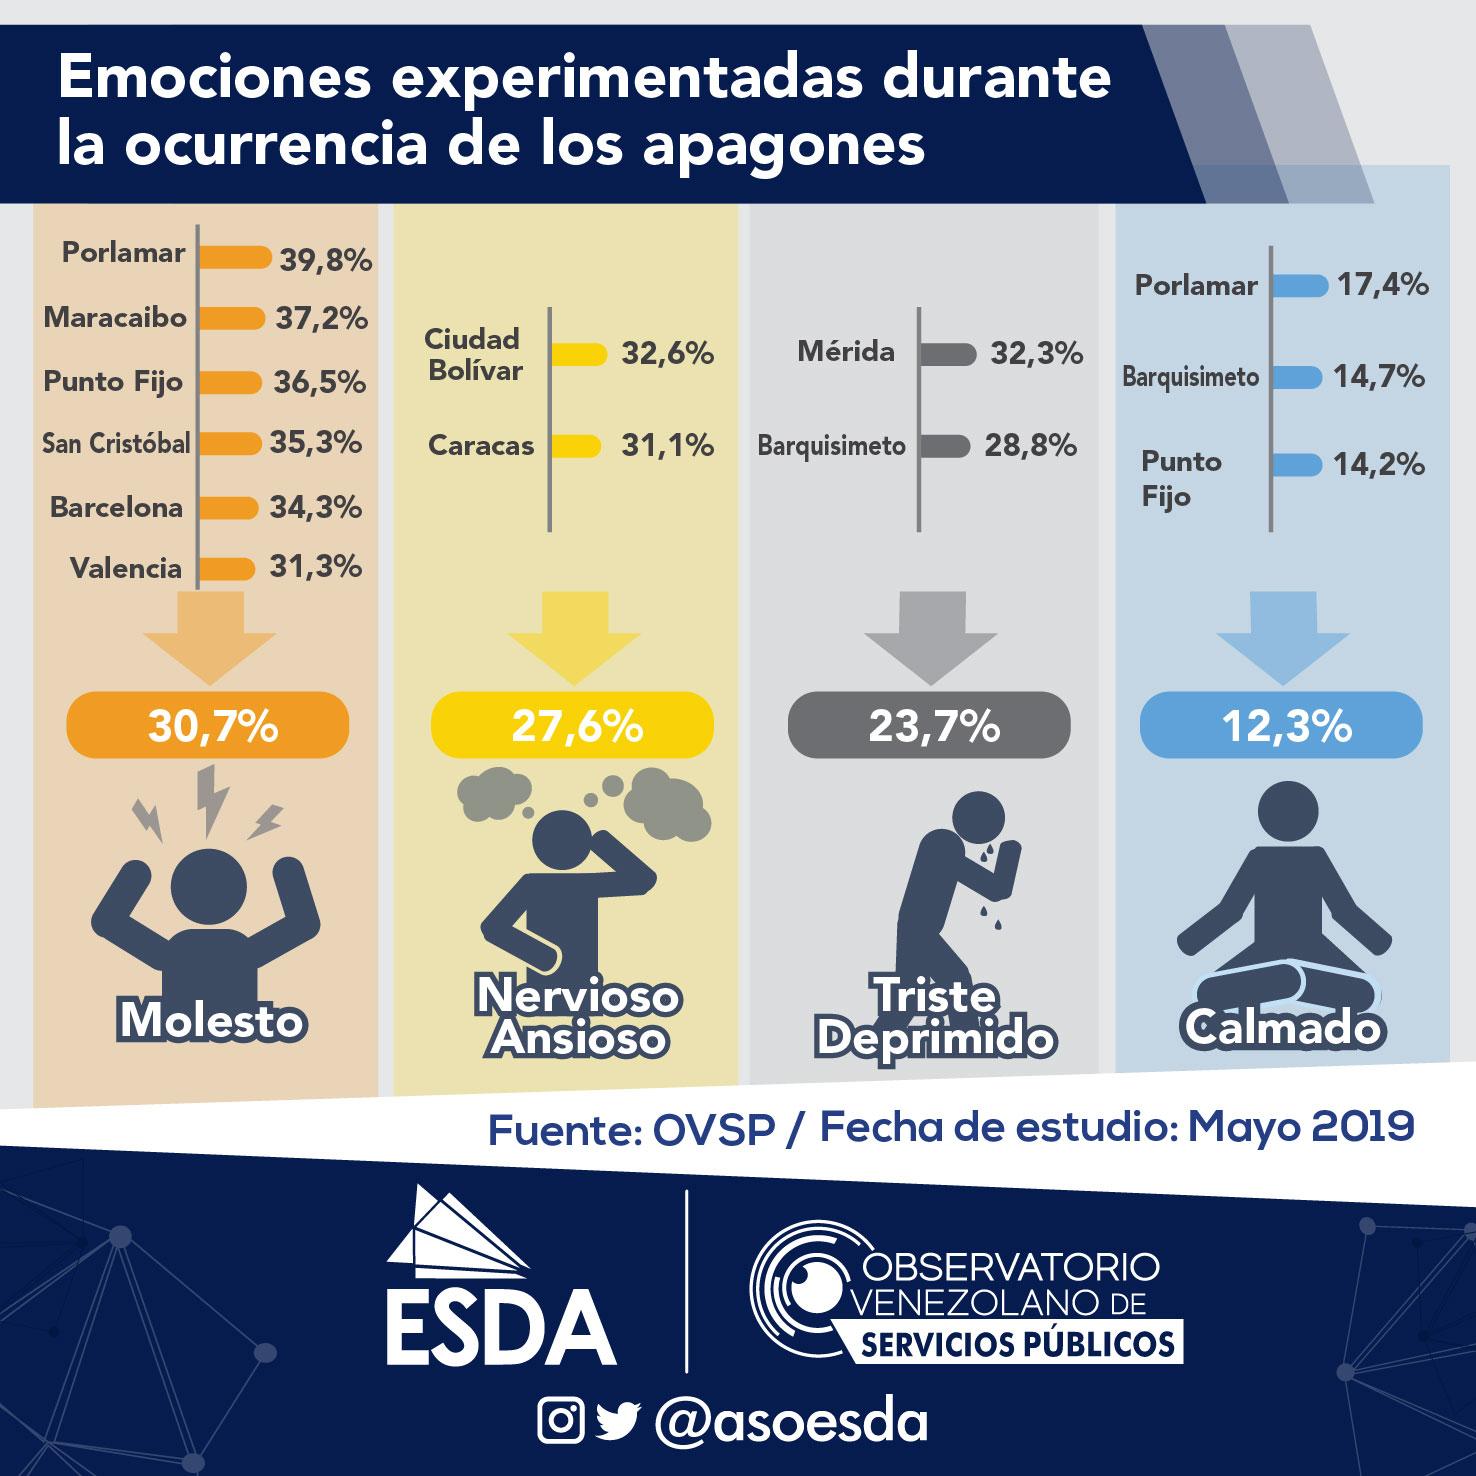 venezolanos sufren emociones negativas por los apagones